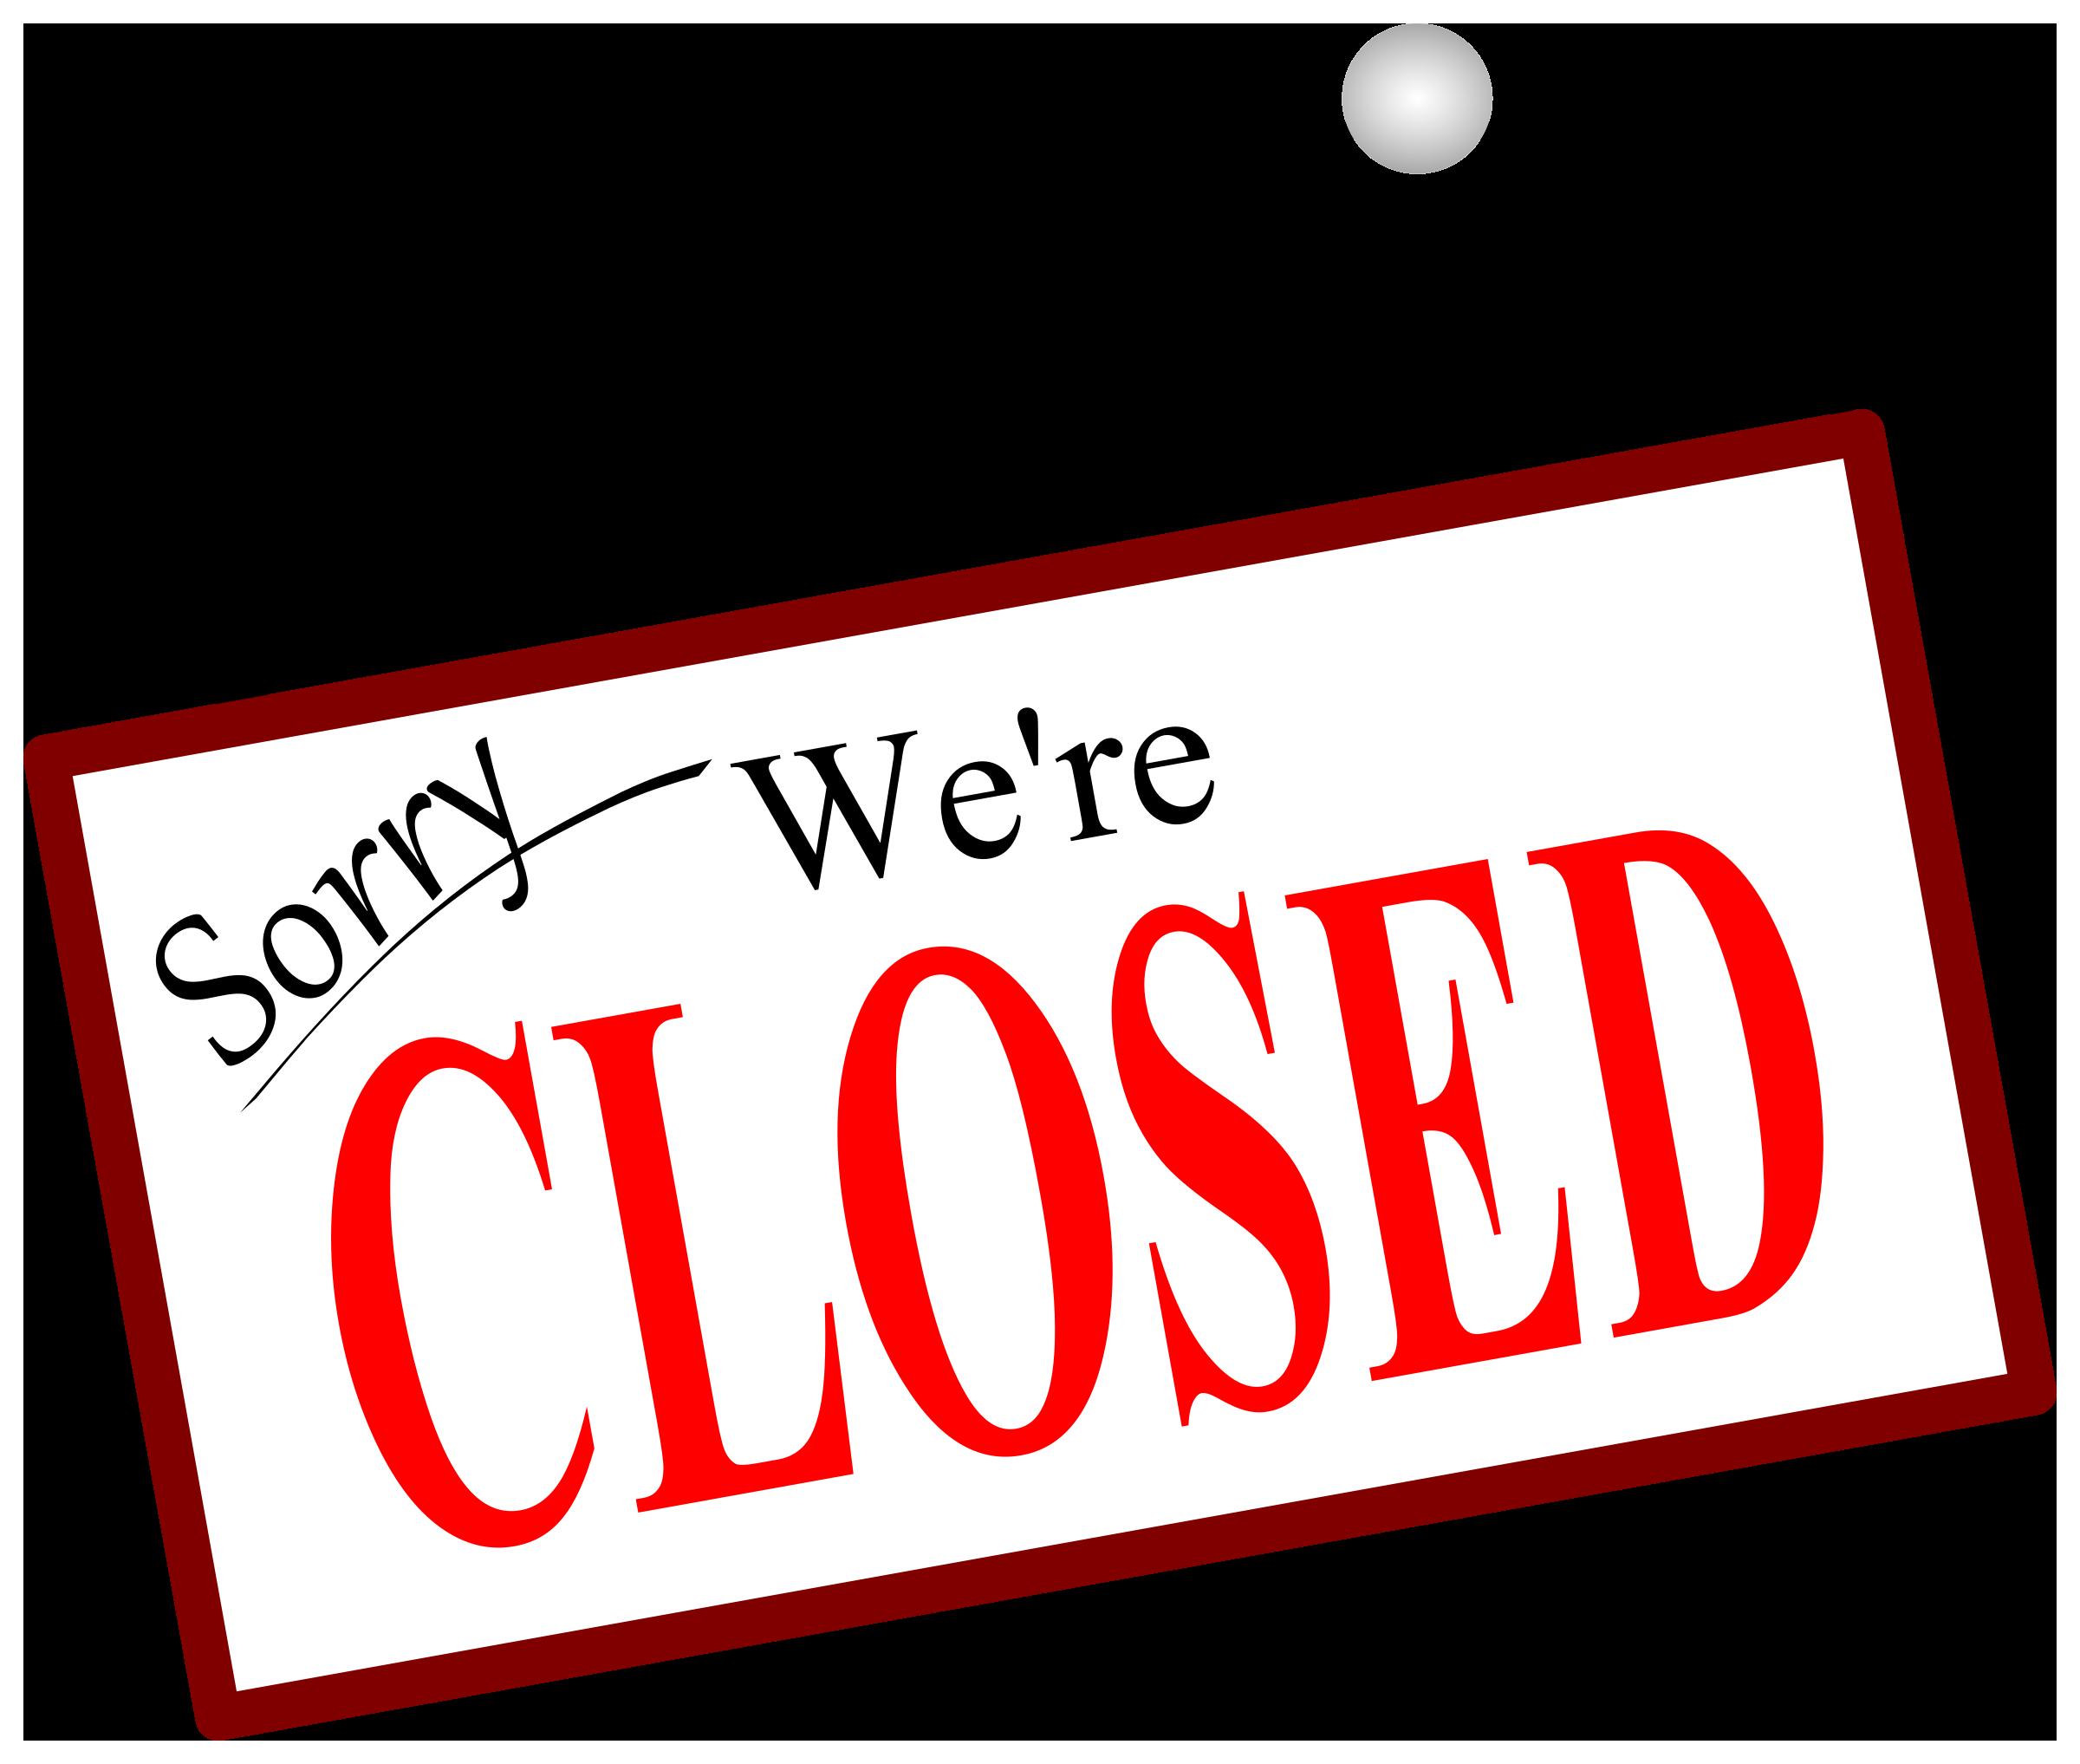 School Closed.